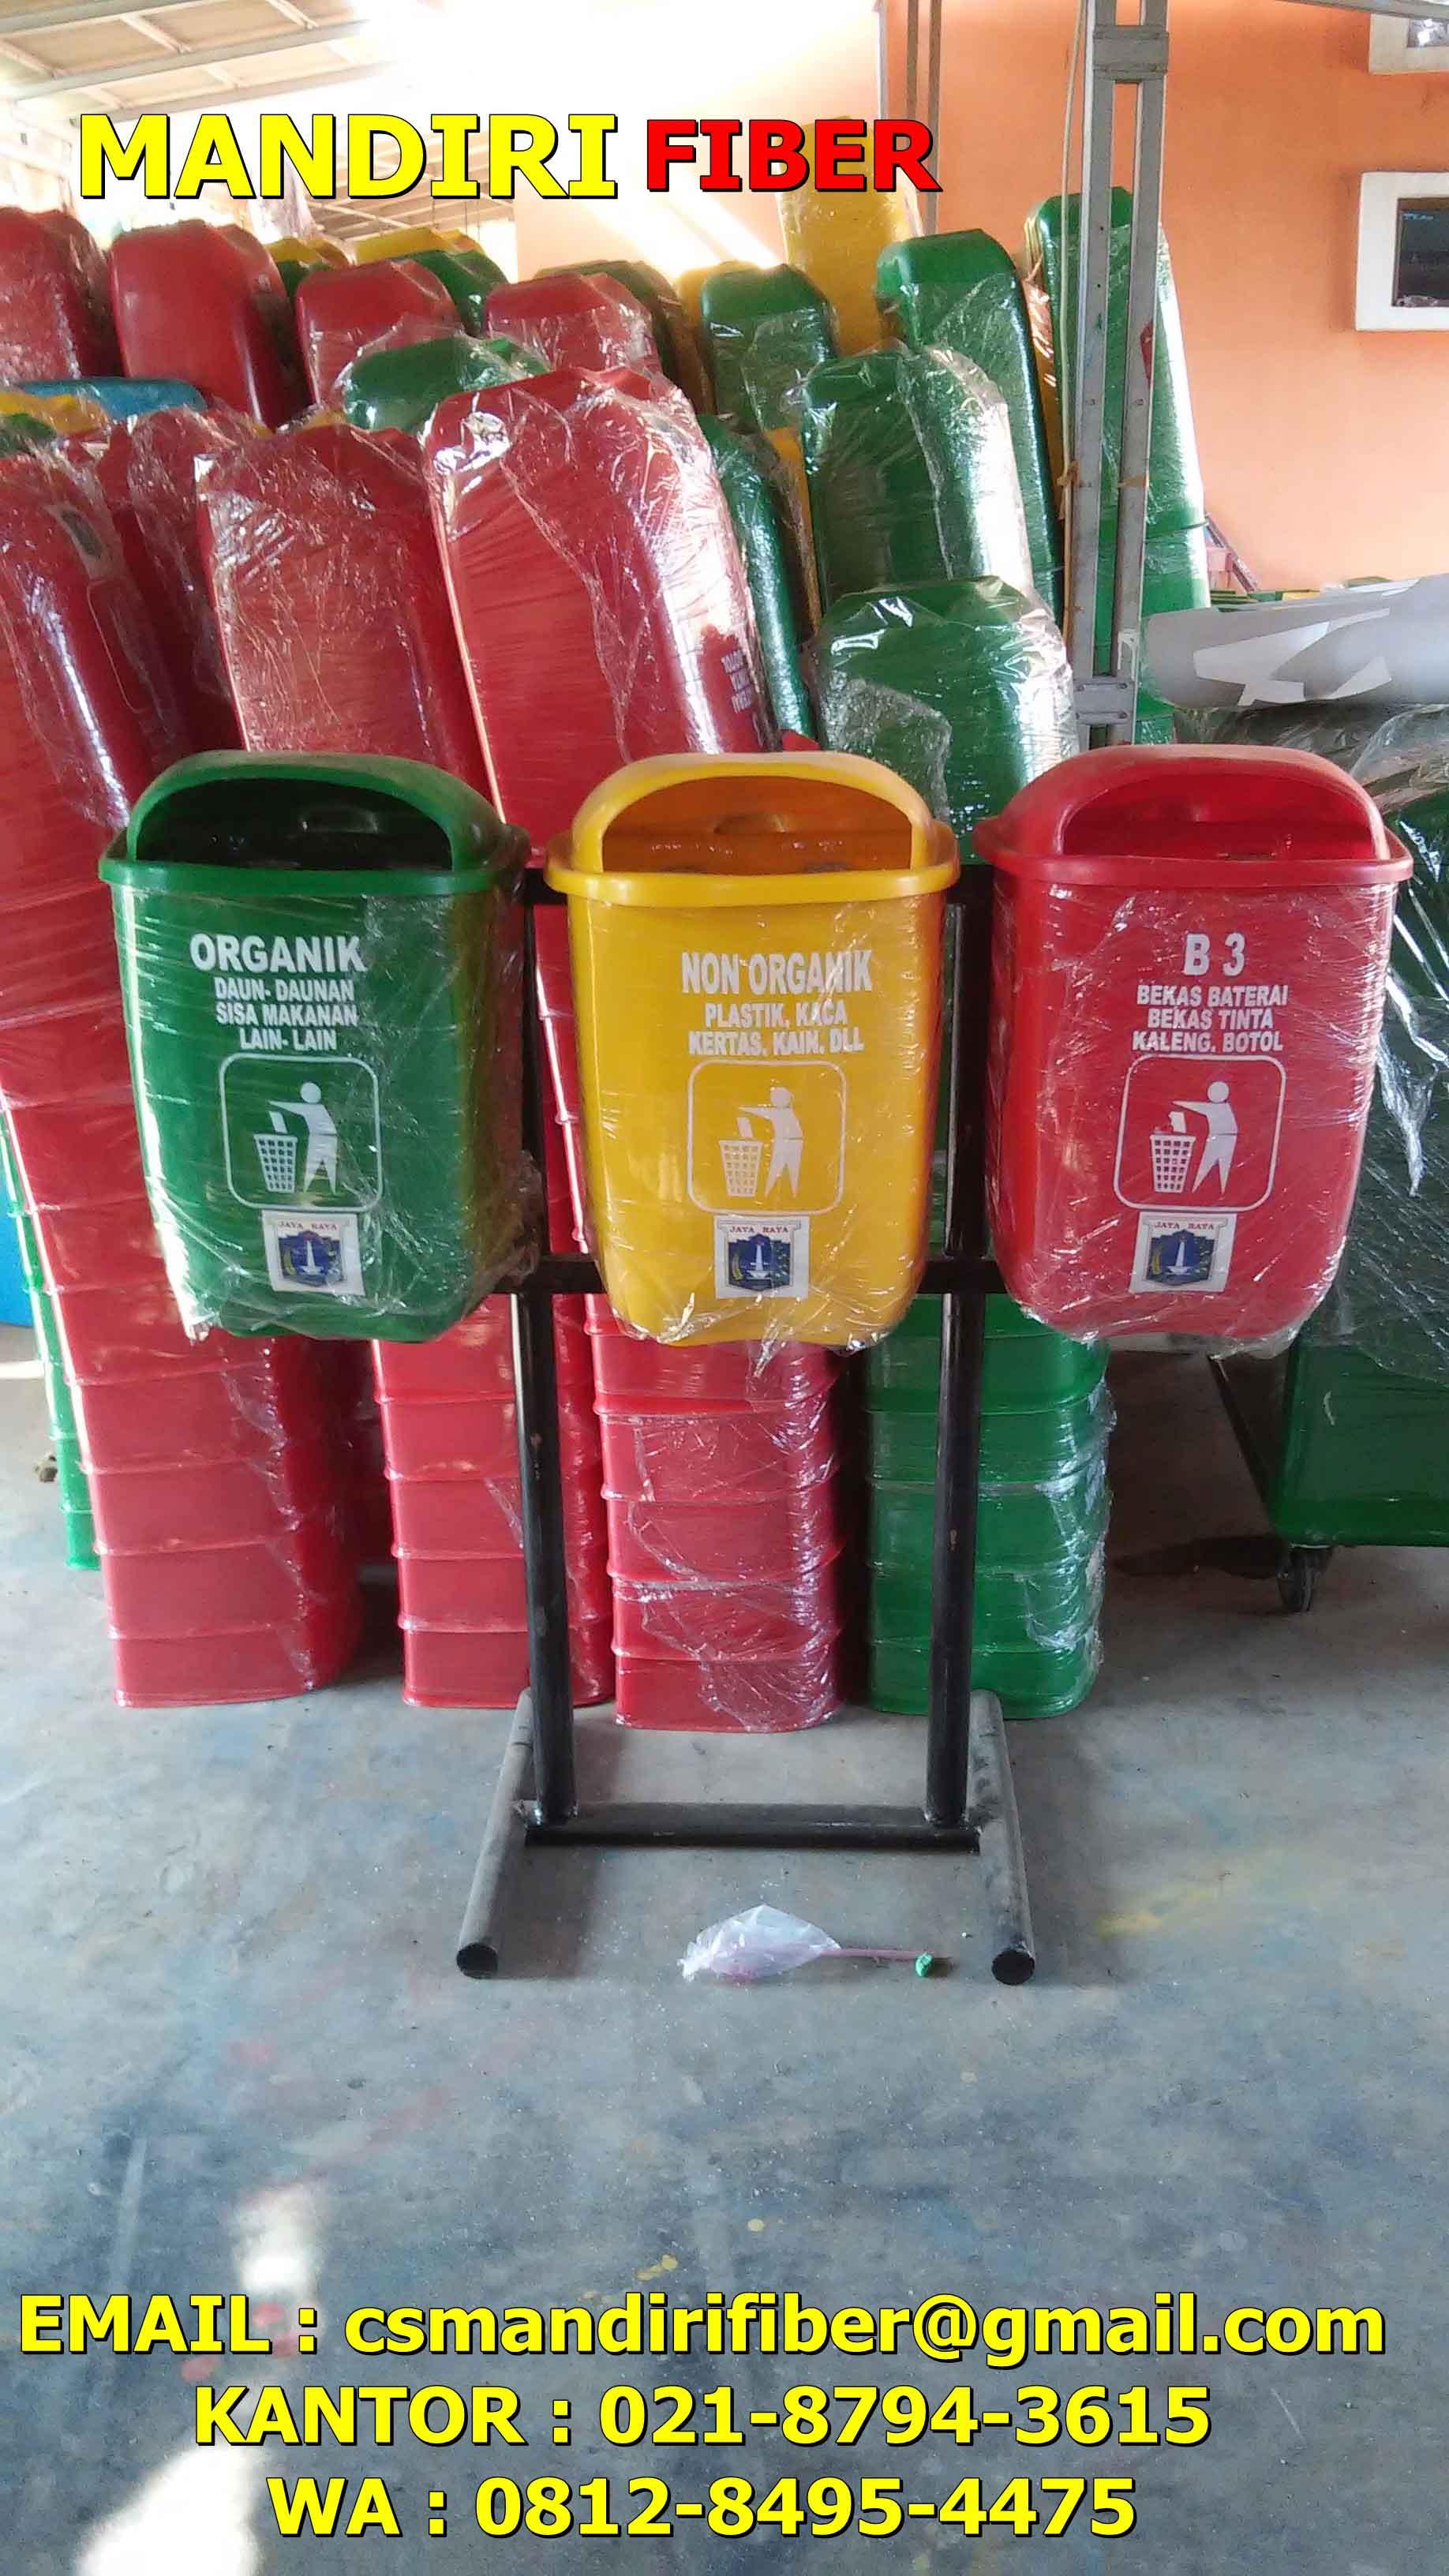 tempat sampah fiber oval, jual tong sampah fiber, harga tong sampah fiber.,